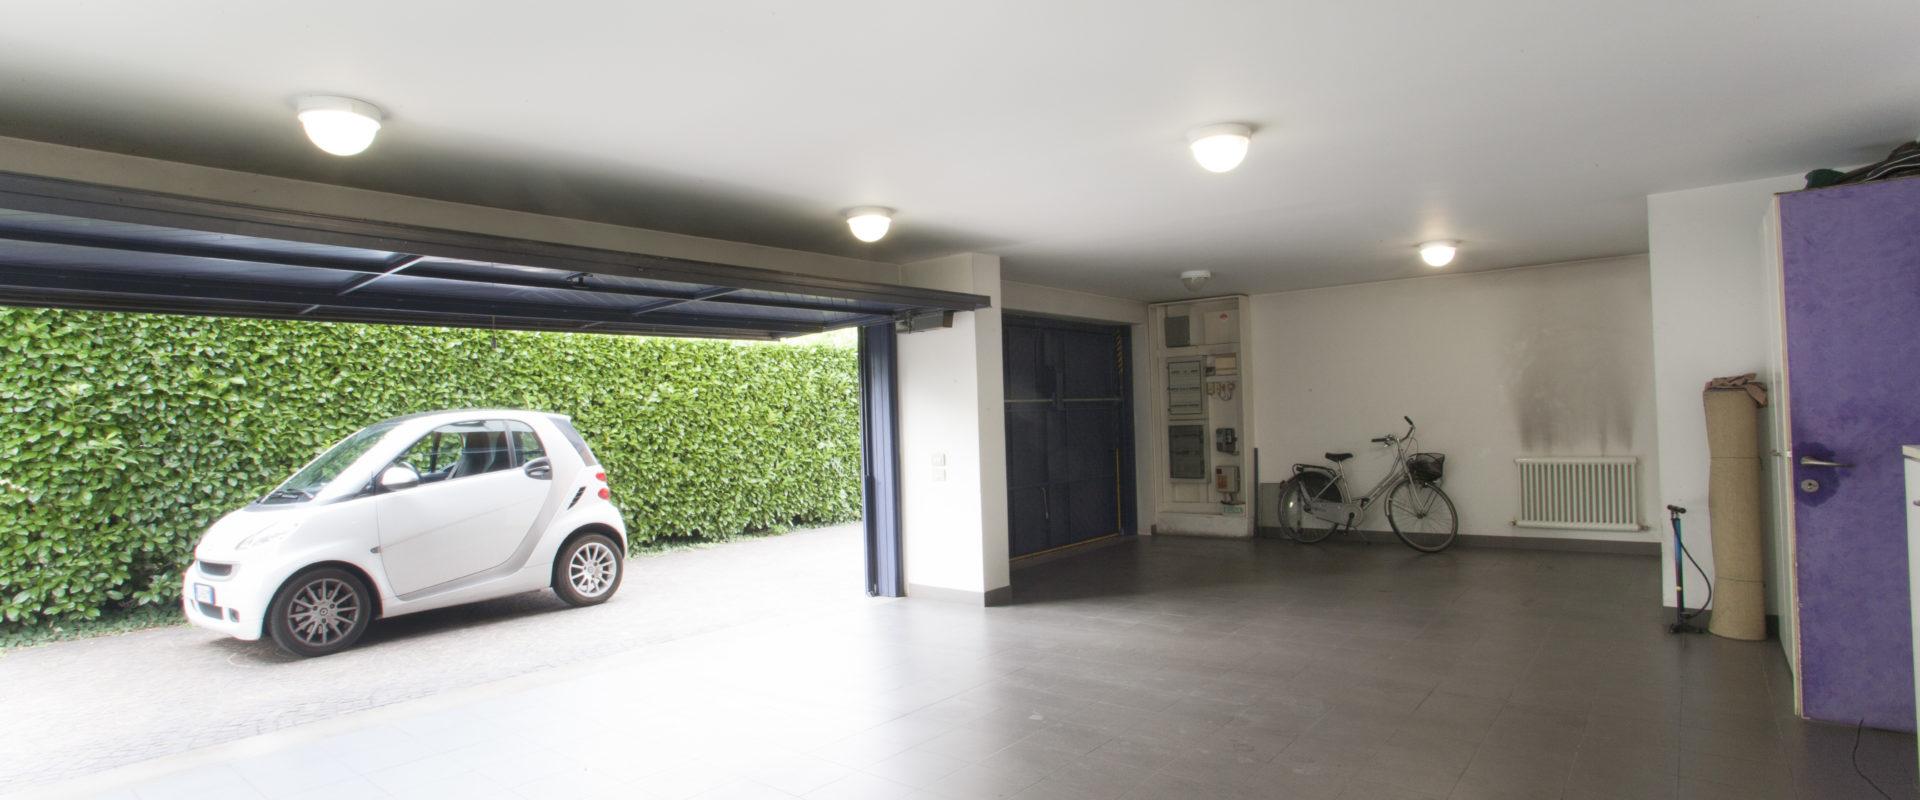 Vendita villa a Cittadella – 10 locali